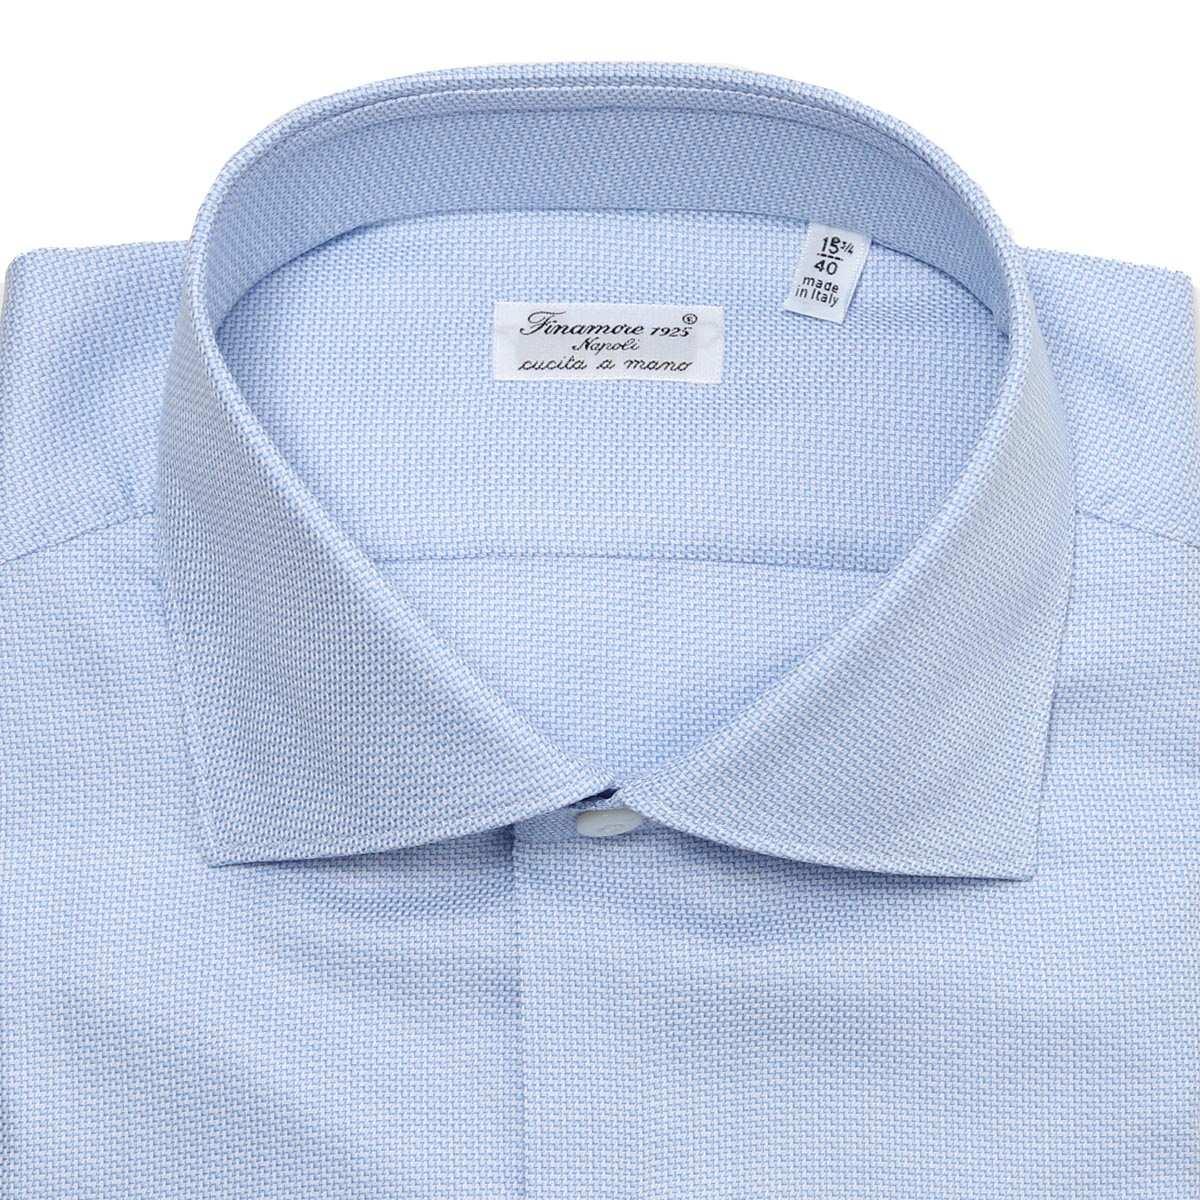 【タイムセール TOPS】【アウトレット】FINAMORE フィナモレ ワイドカラーシャツ/ZANTE MILANO メンズ